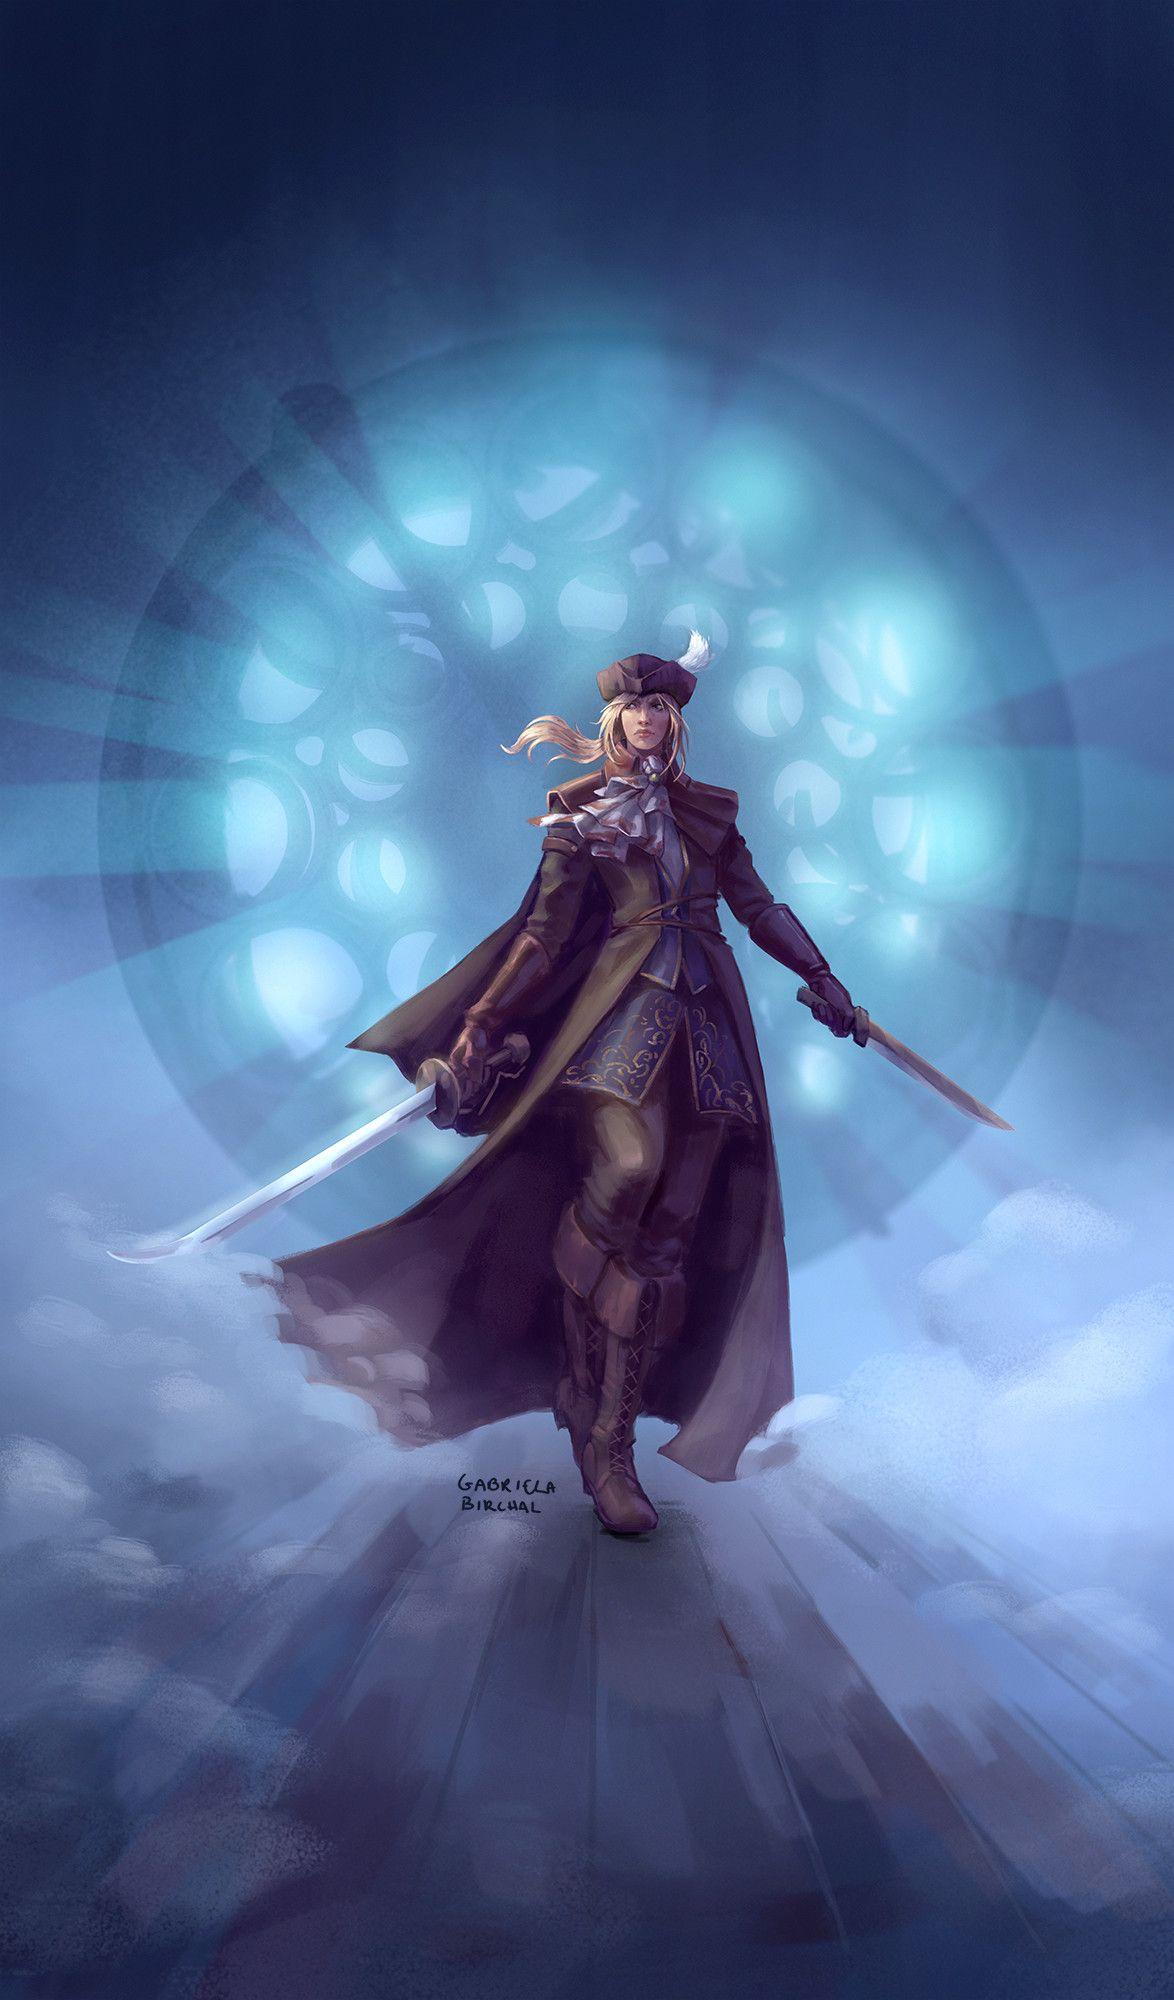 Bloodborne Fanart As A Reward For My Patrons This Month Https Www Patreon Com Gabirchal Bloodborne Bloodborne Art Dark Souls Art